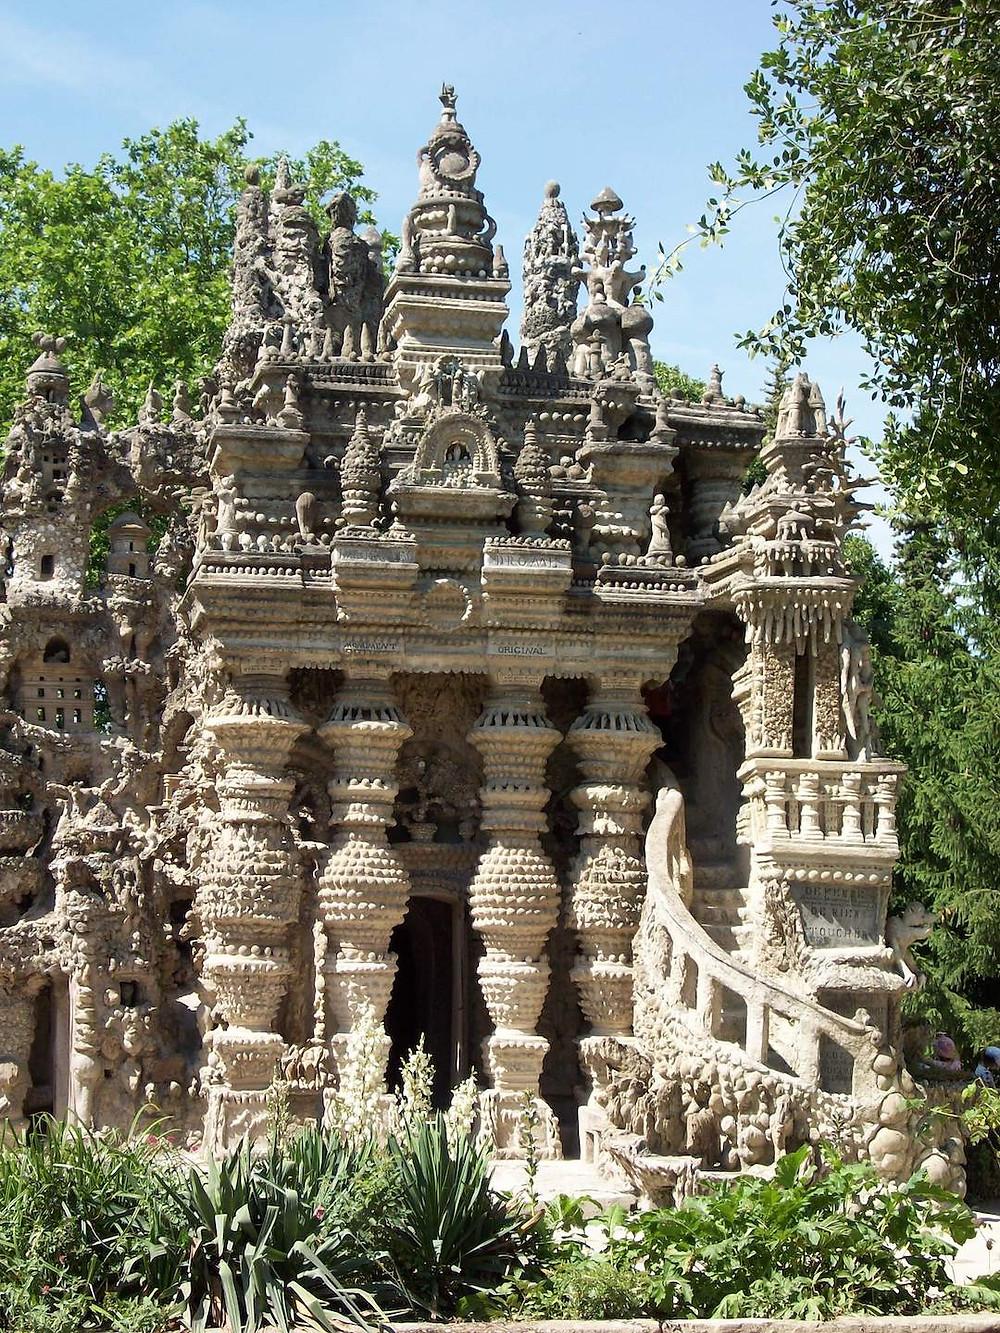 Palais Idéal du Facteur Cheval plus beau lieu à visiter tourisme dans la région Auvergne-Rhône-Alpes